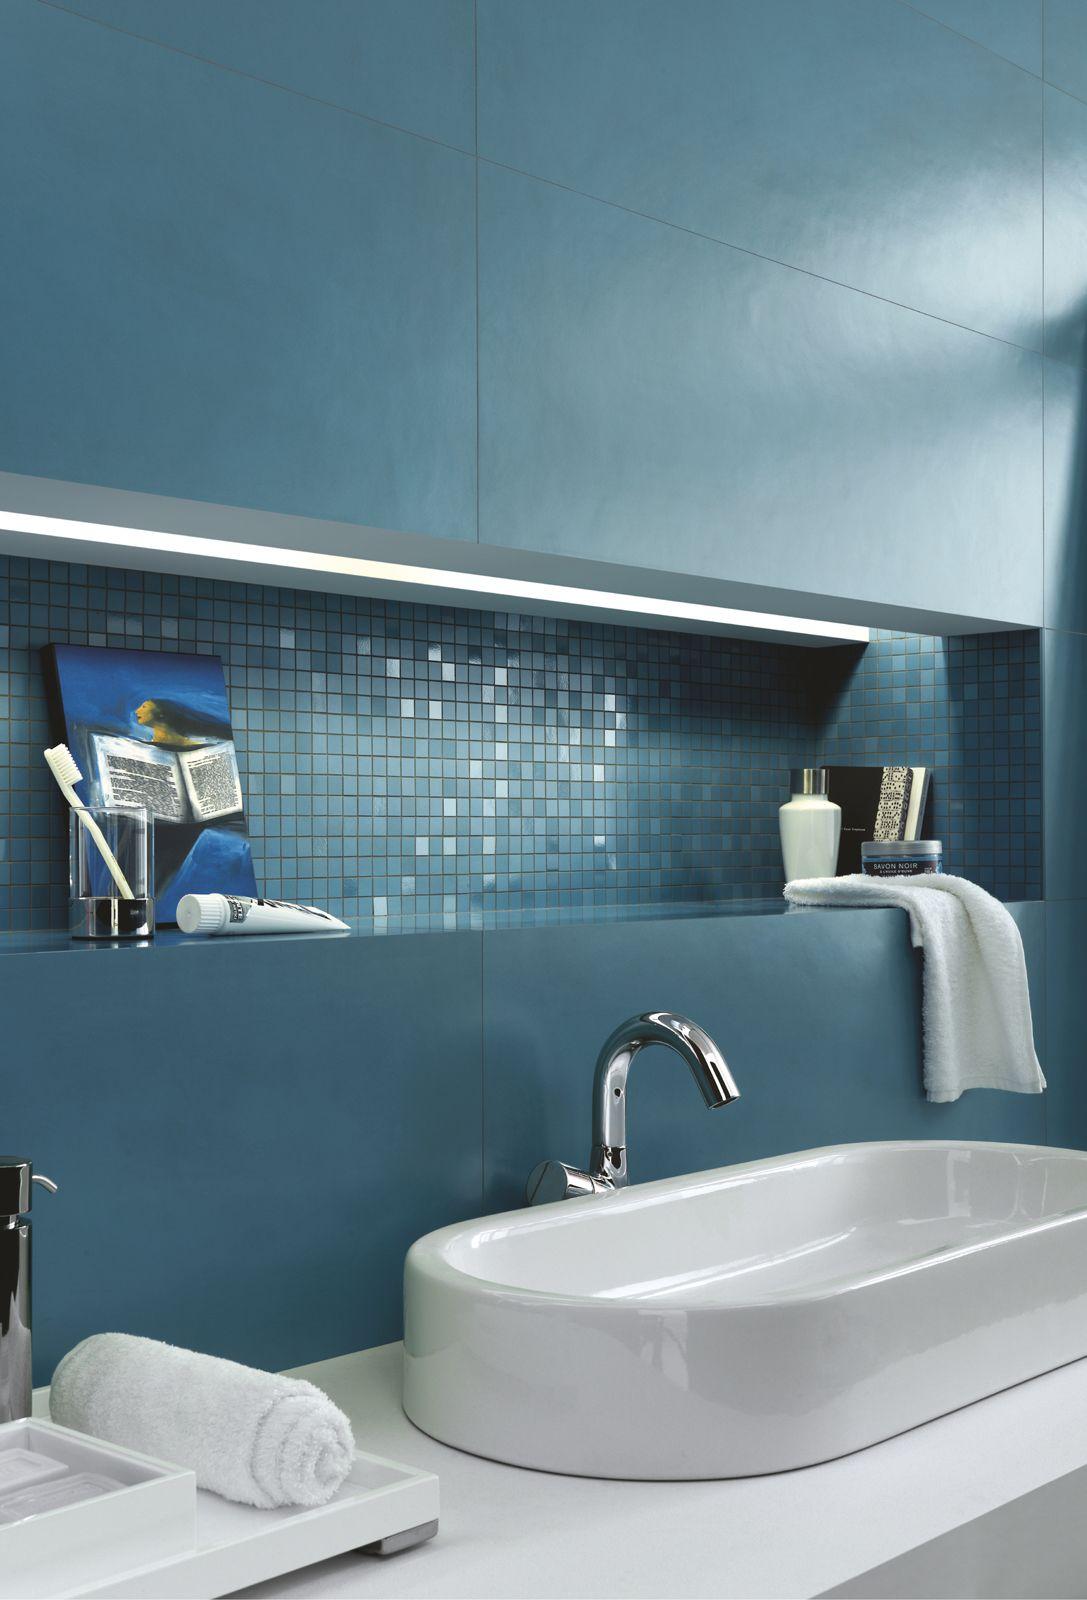 Concreta - Porcelain tile cement minimal effect | Marazzi ...